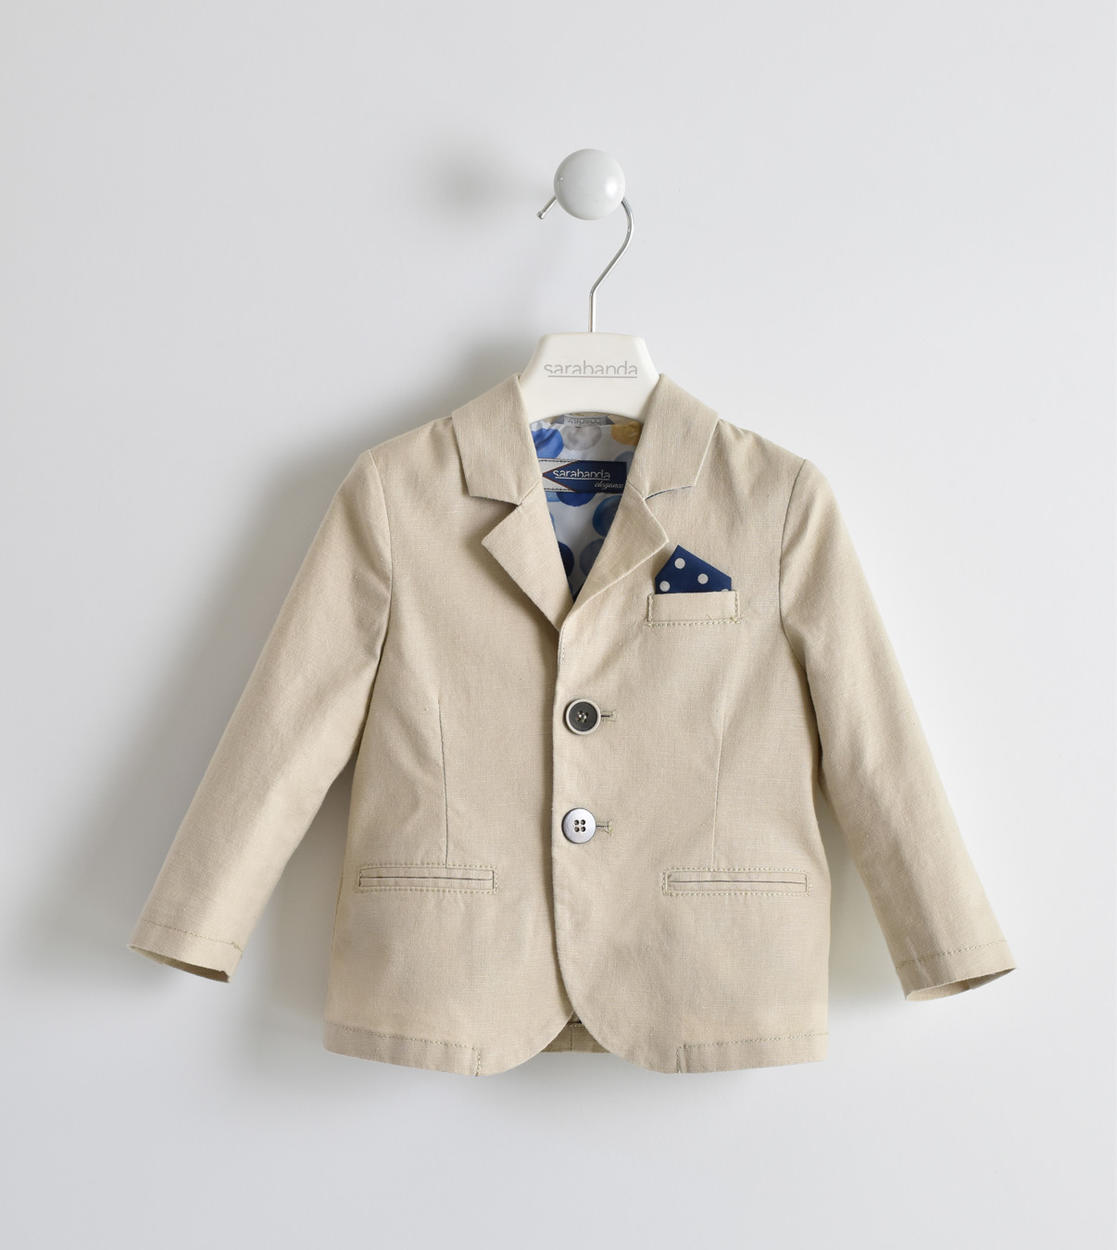 official photos 9231a 36251 Giacca misto lino con pochette per bambino da 6 mesi a 7 anni Sarabanda